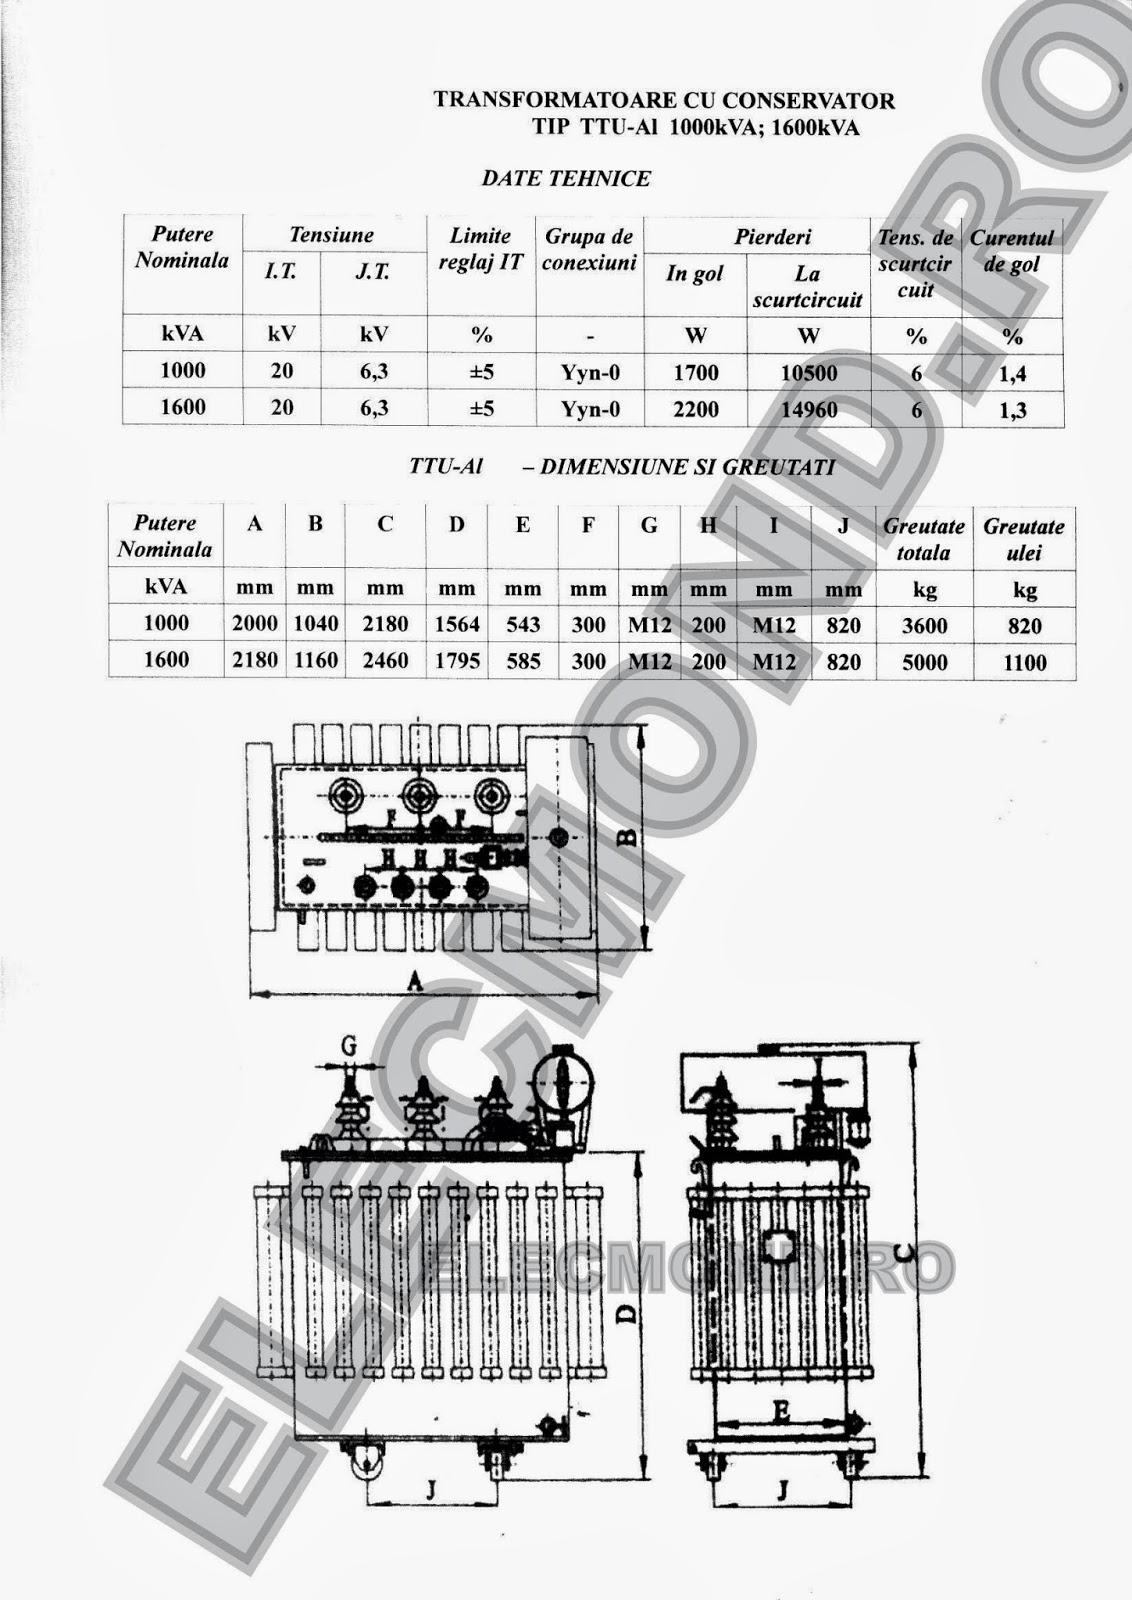 DATE TEHNICE TRANSFORMATOARE CU CONSERVATOR ALUMINIU 1000 kVA 1600 kVA